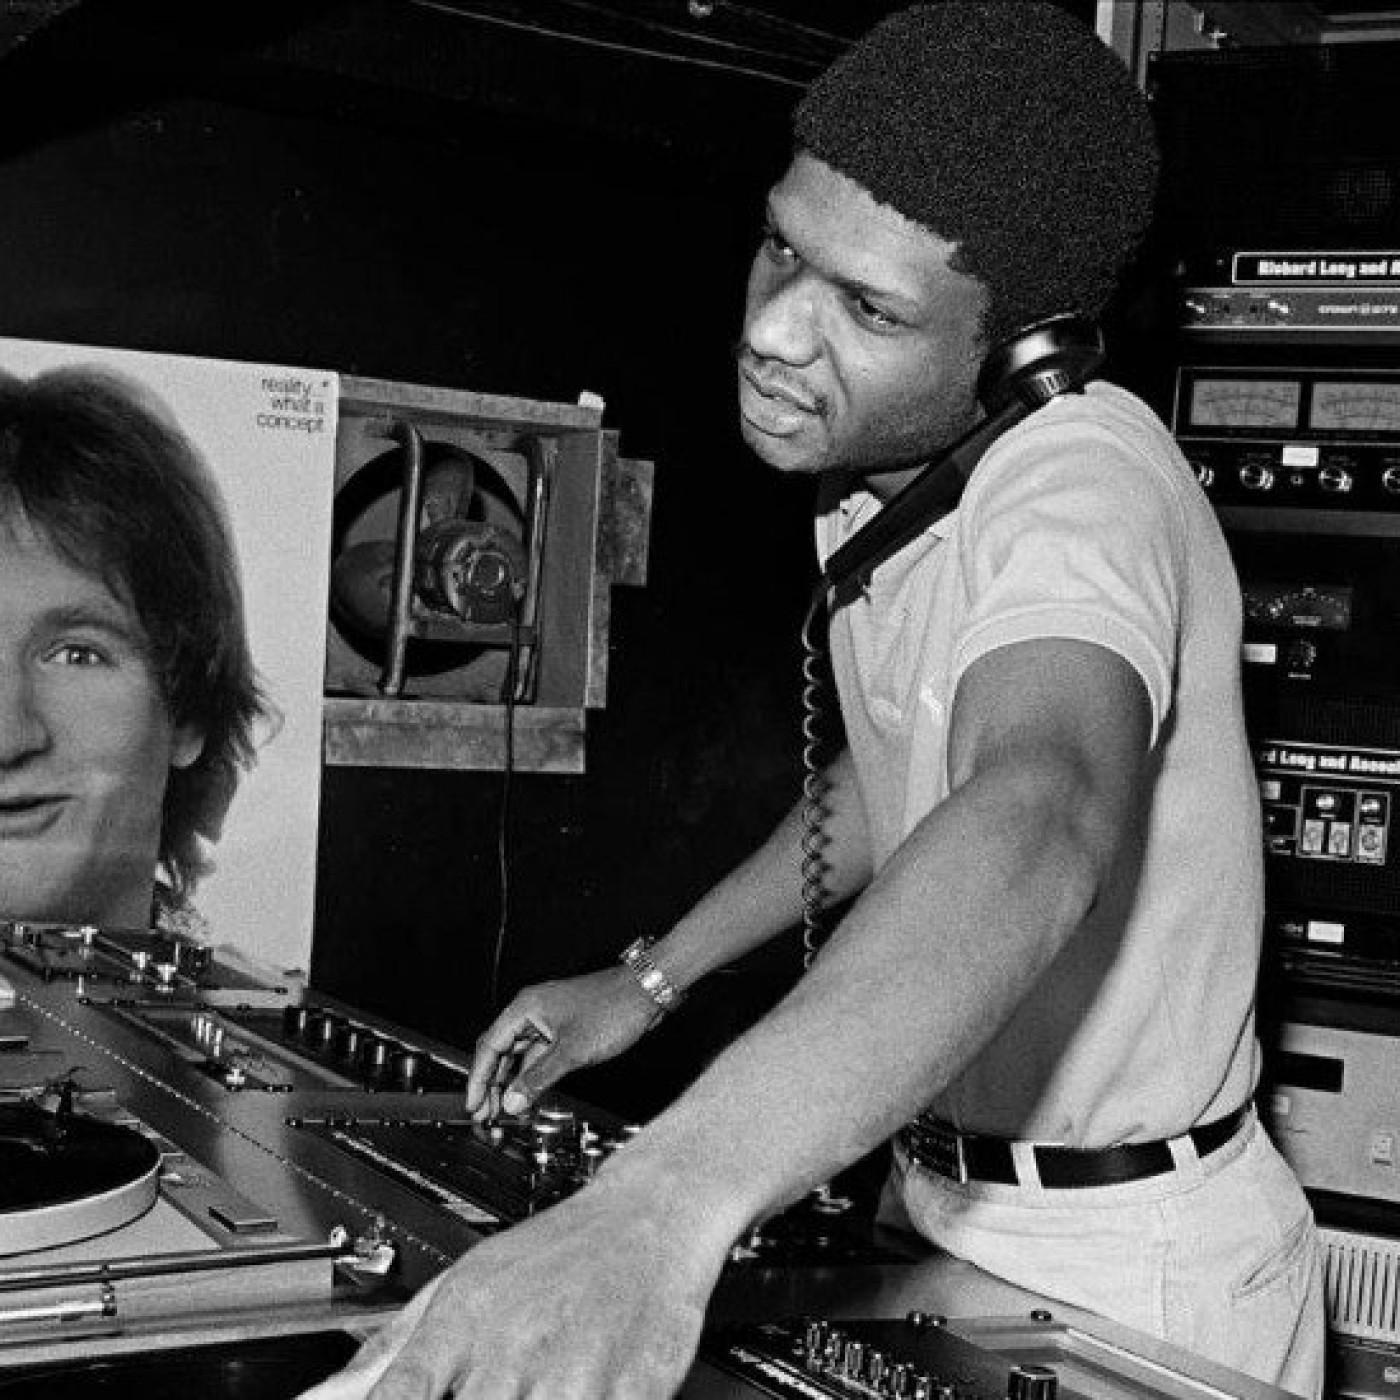 La music story du jour : Larry Levan